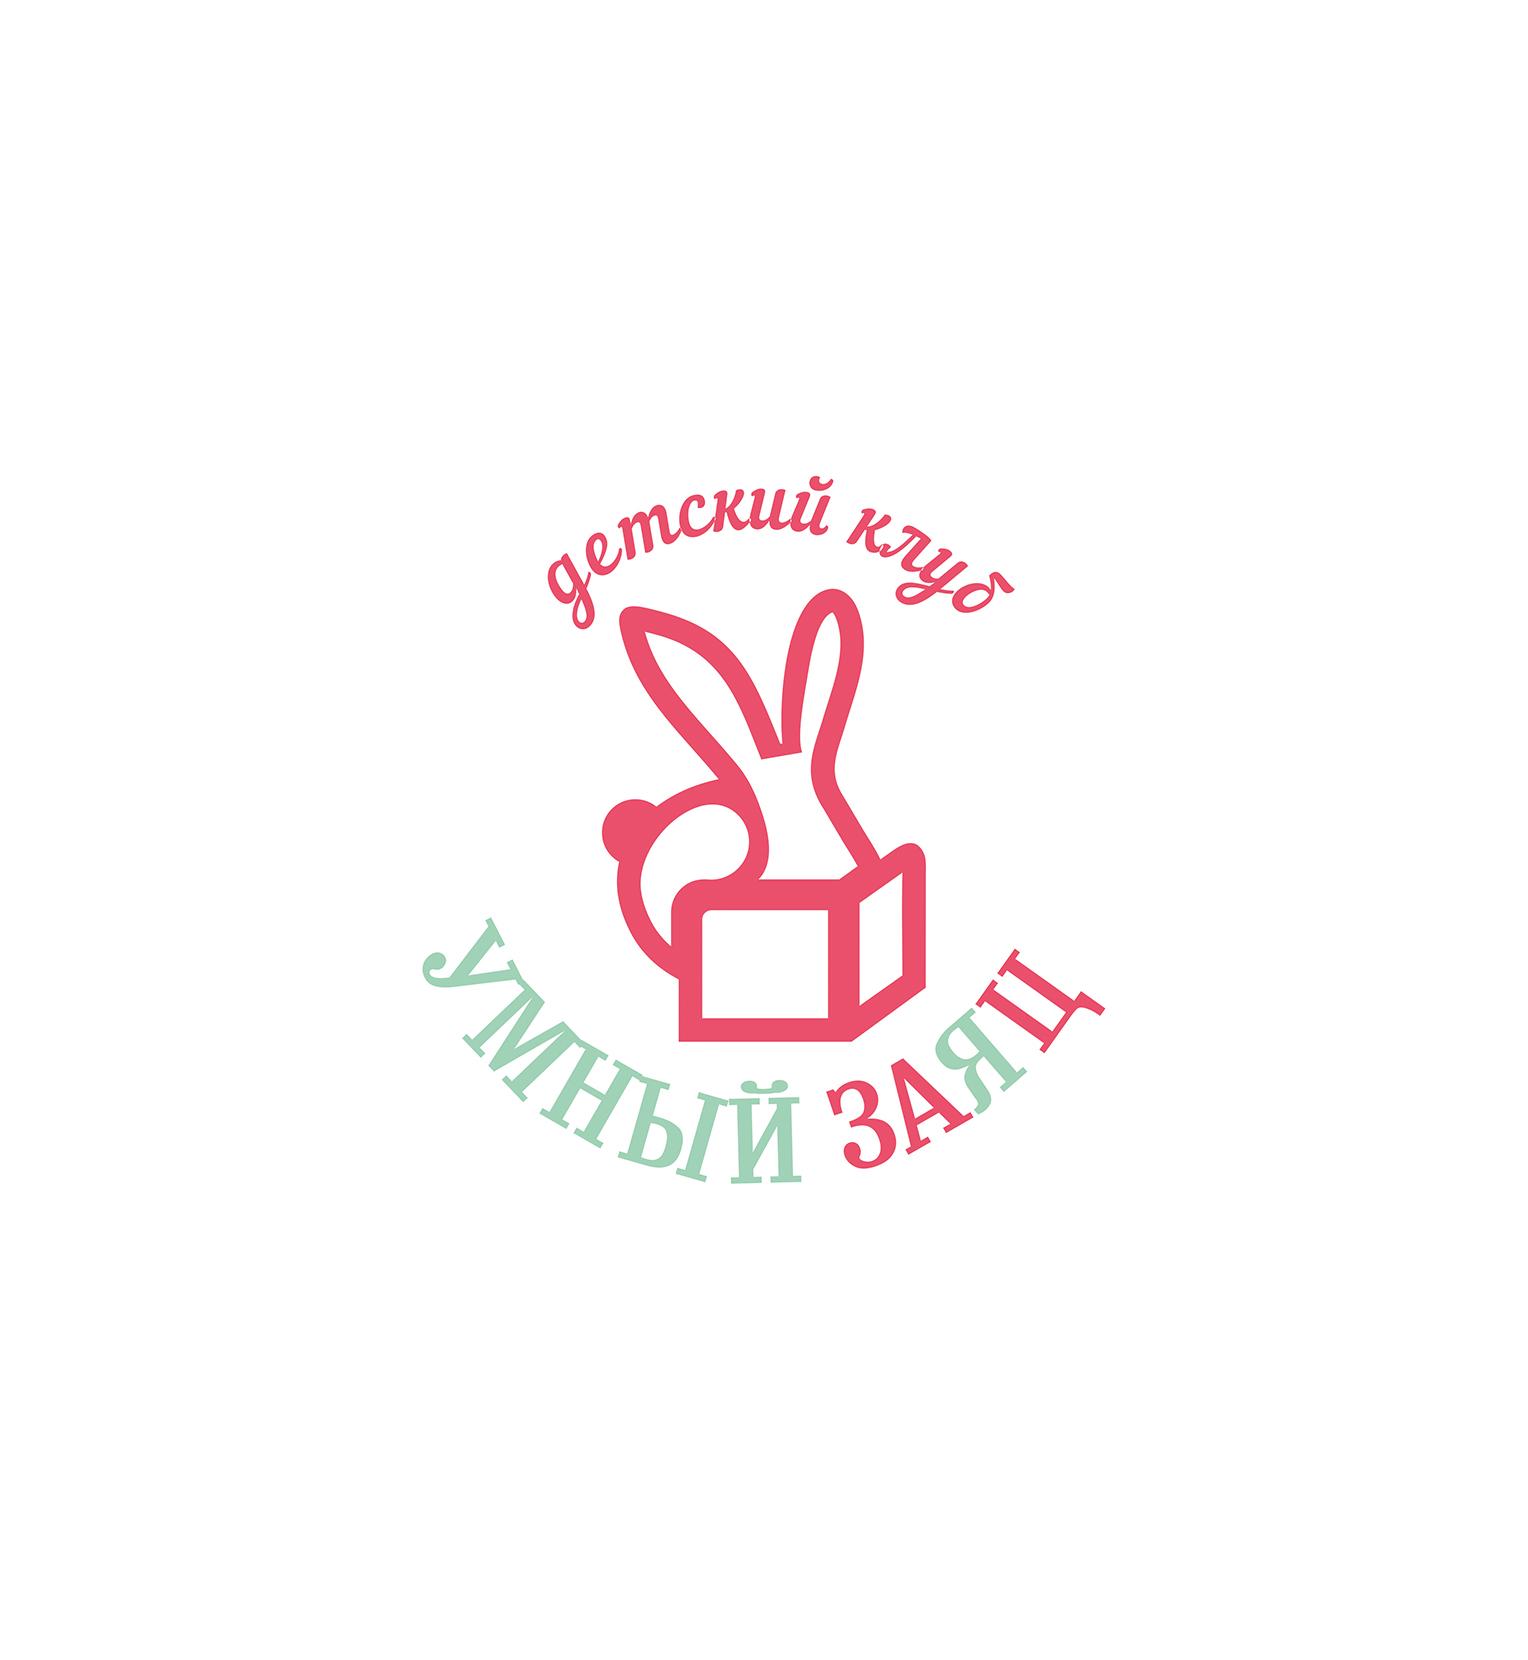 Разработать логотип и фирменный стиль детского клуба фото f_875556122fe185a8.jpg